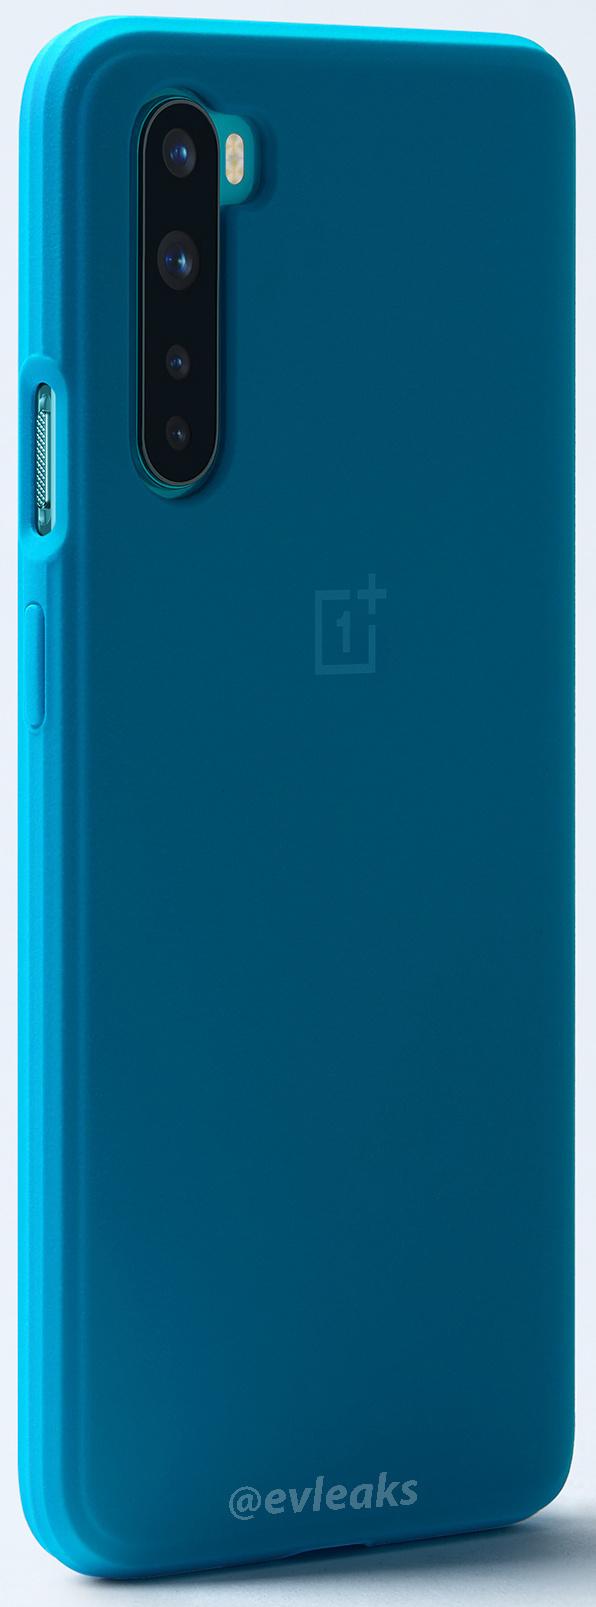 OnePlus Nord Silicon case